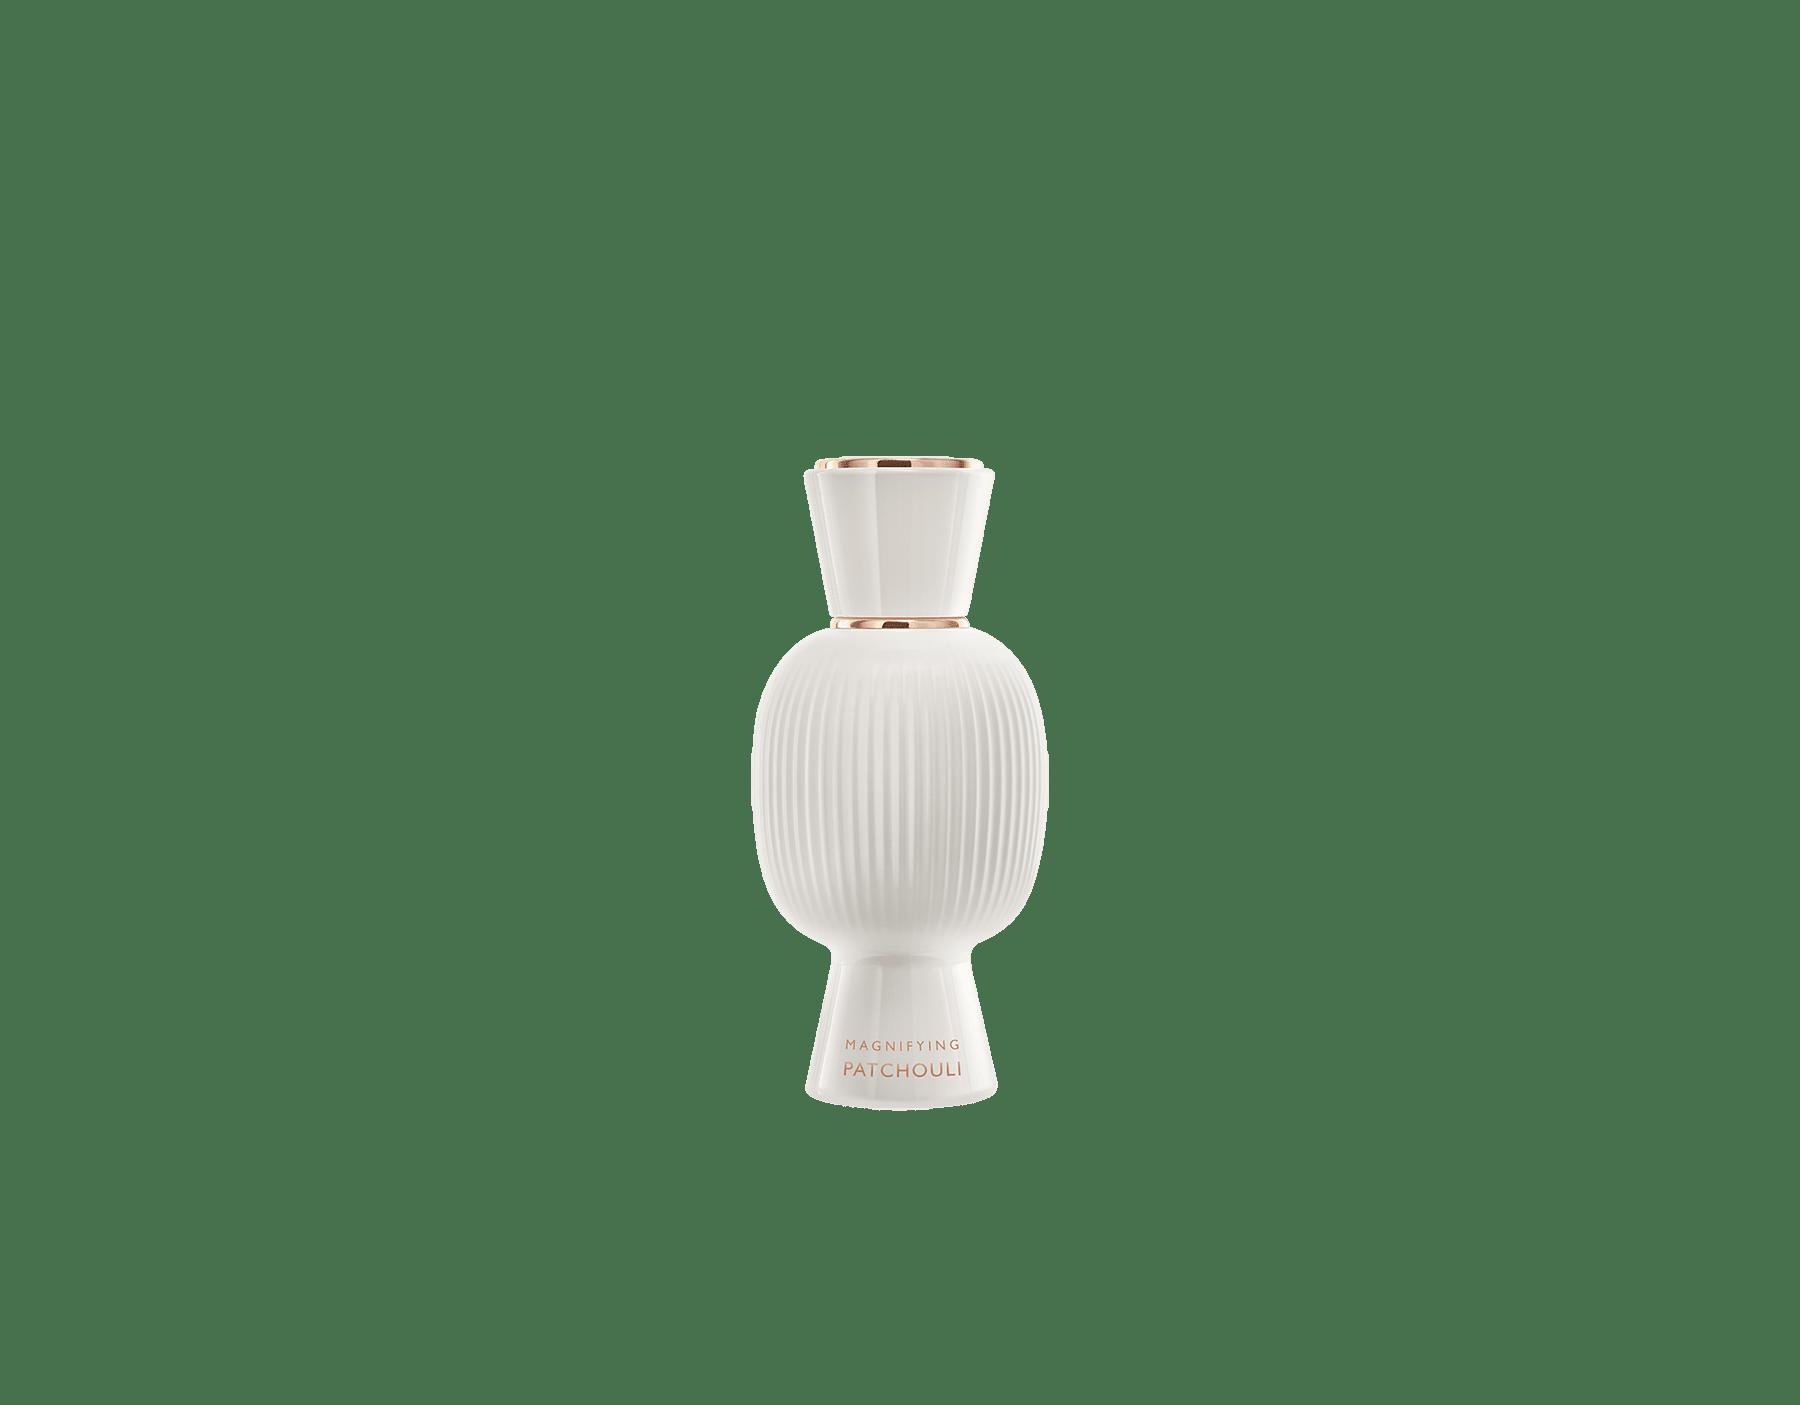 Una exclusiva combinación de perfumes, tan audaz y única como usted. El magnífico Eau de Parfum floral Fiori d'Amore de Allegra se combina con la fuerte sensualidad de la Magnifying Patchouli Essence, creando un irresistible perfume femenino personalizado. Perfume-Set-Fiori-d-Amore-Eau-de-Parfum-and-Patchouli-Magnifying image 3